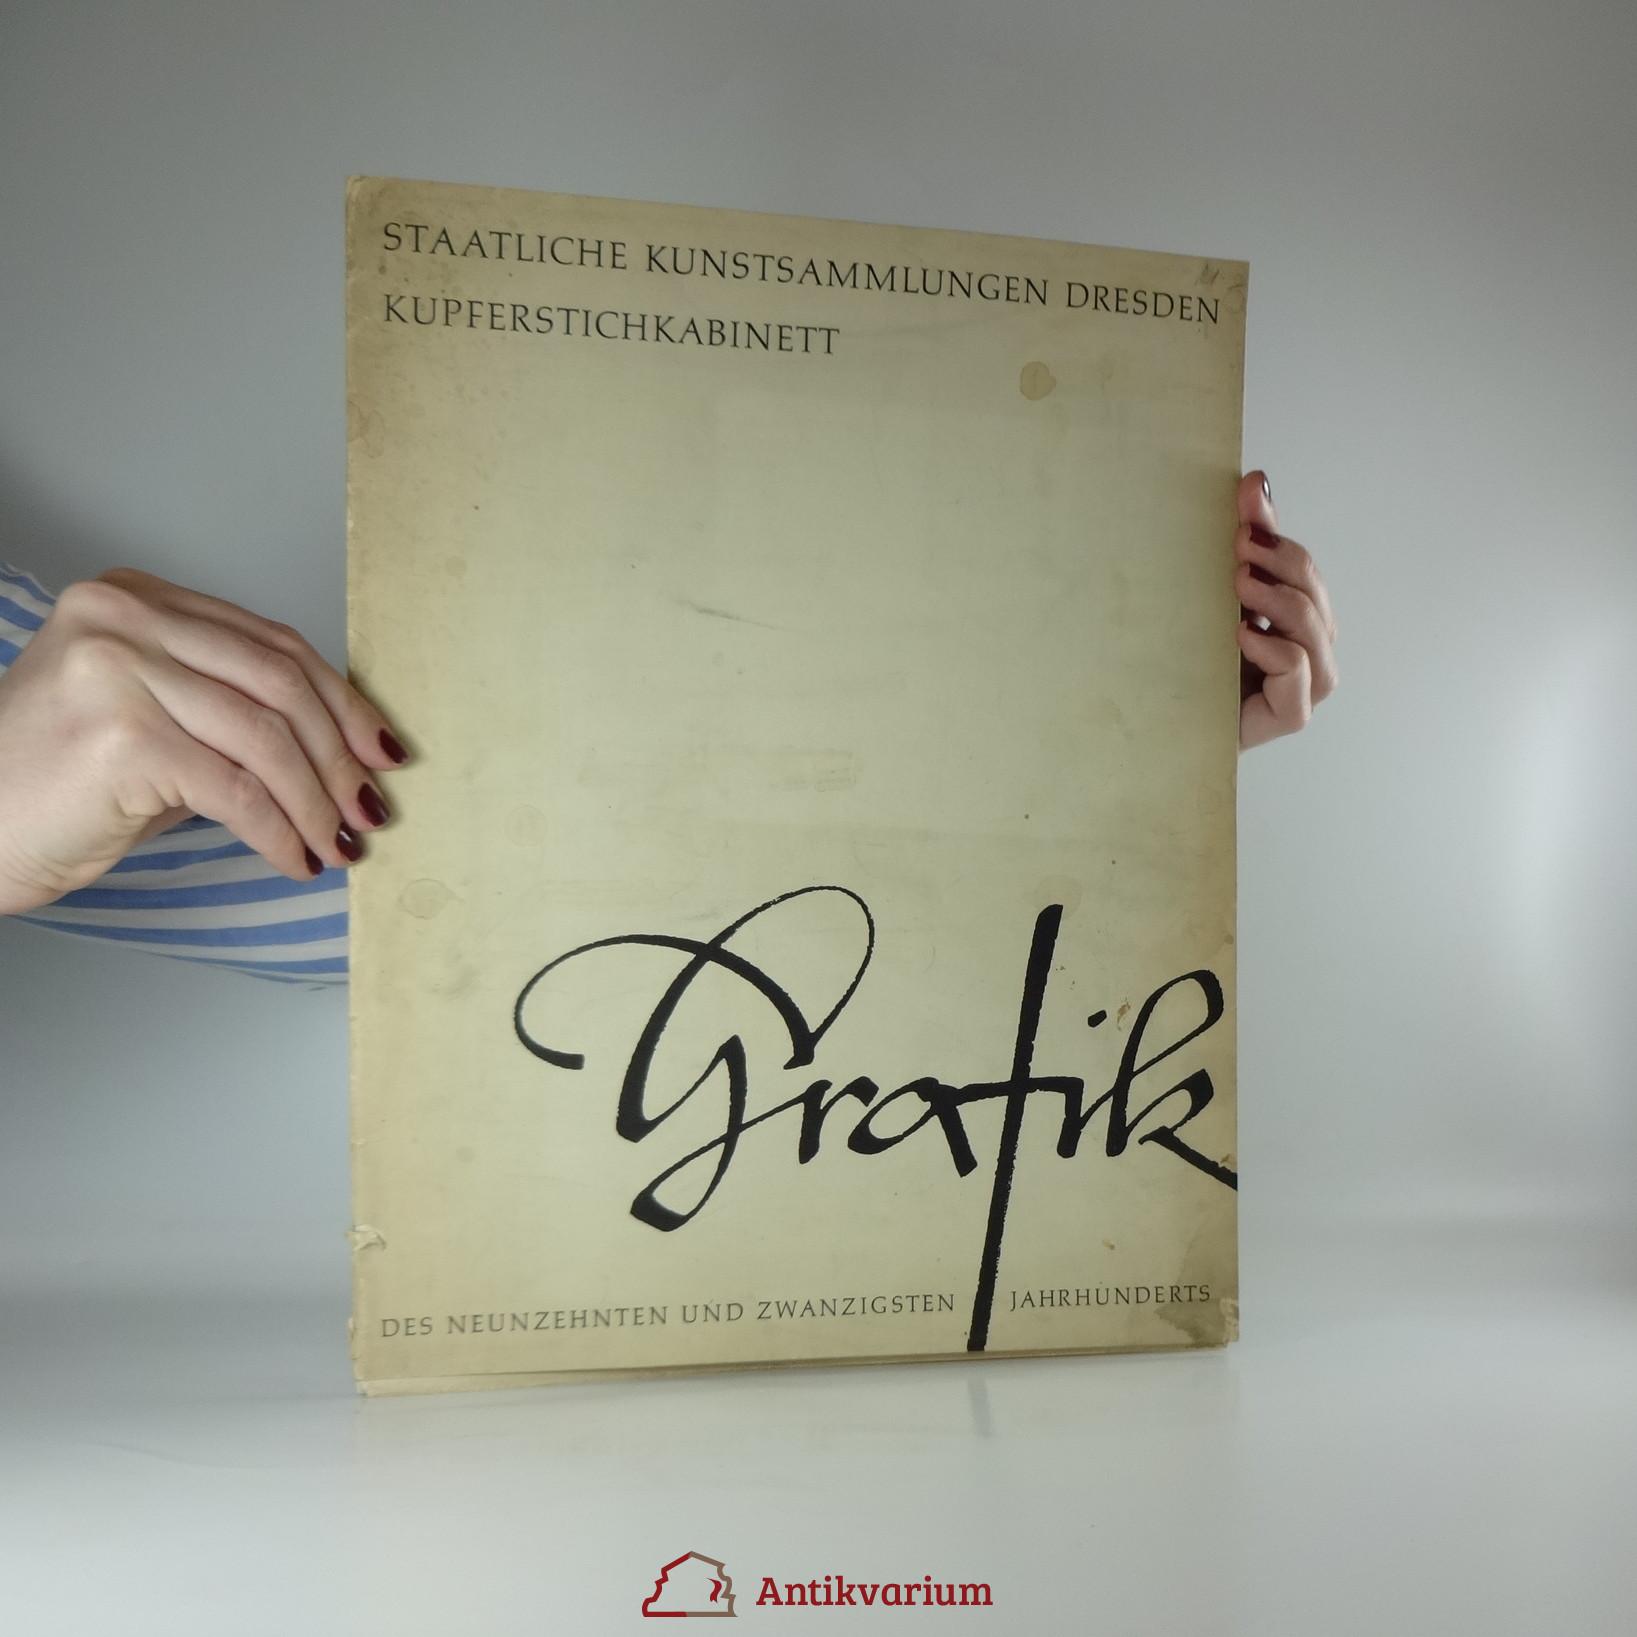 antikvární kniha Grafik. Staatliche kunstsammlungen Dresden Kupferstichkabinett, 1959